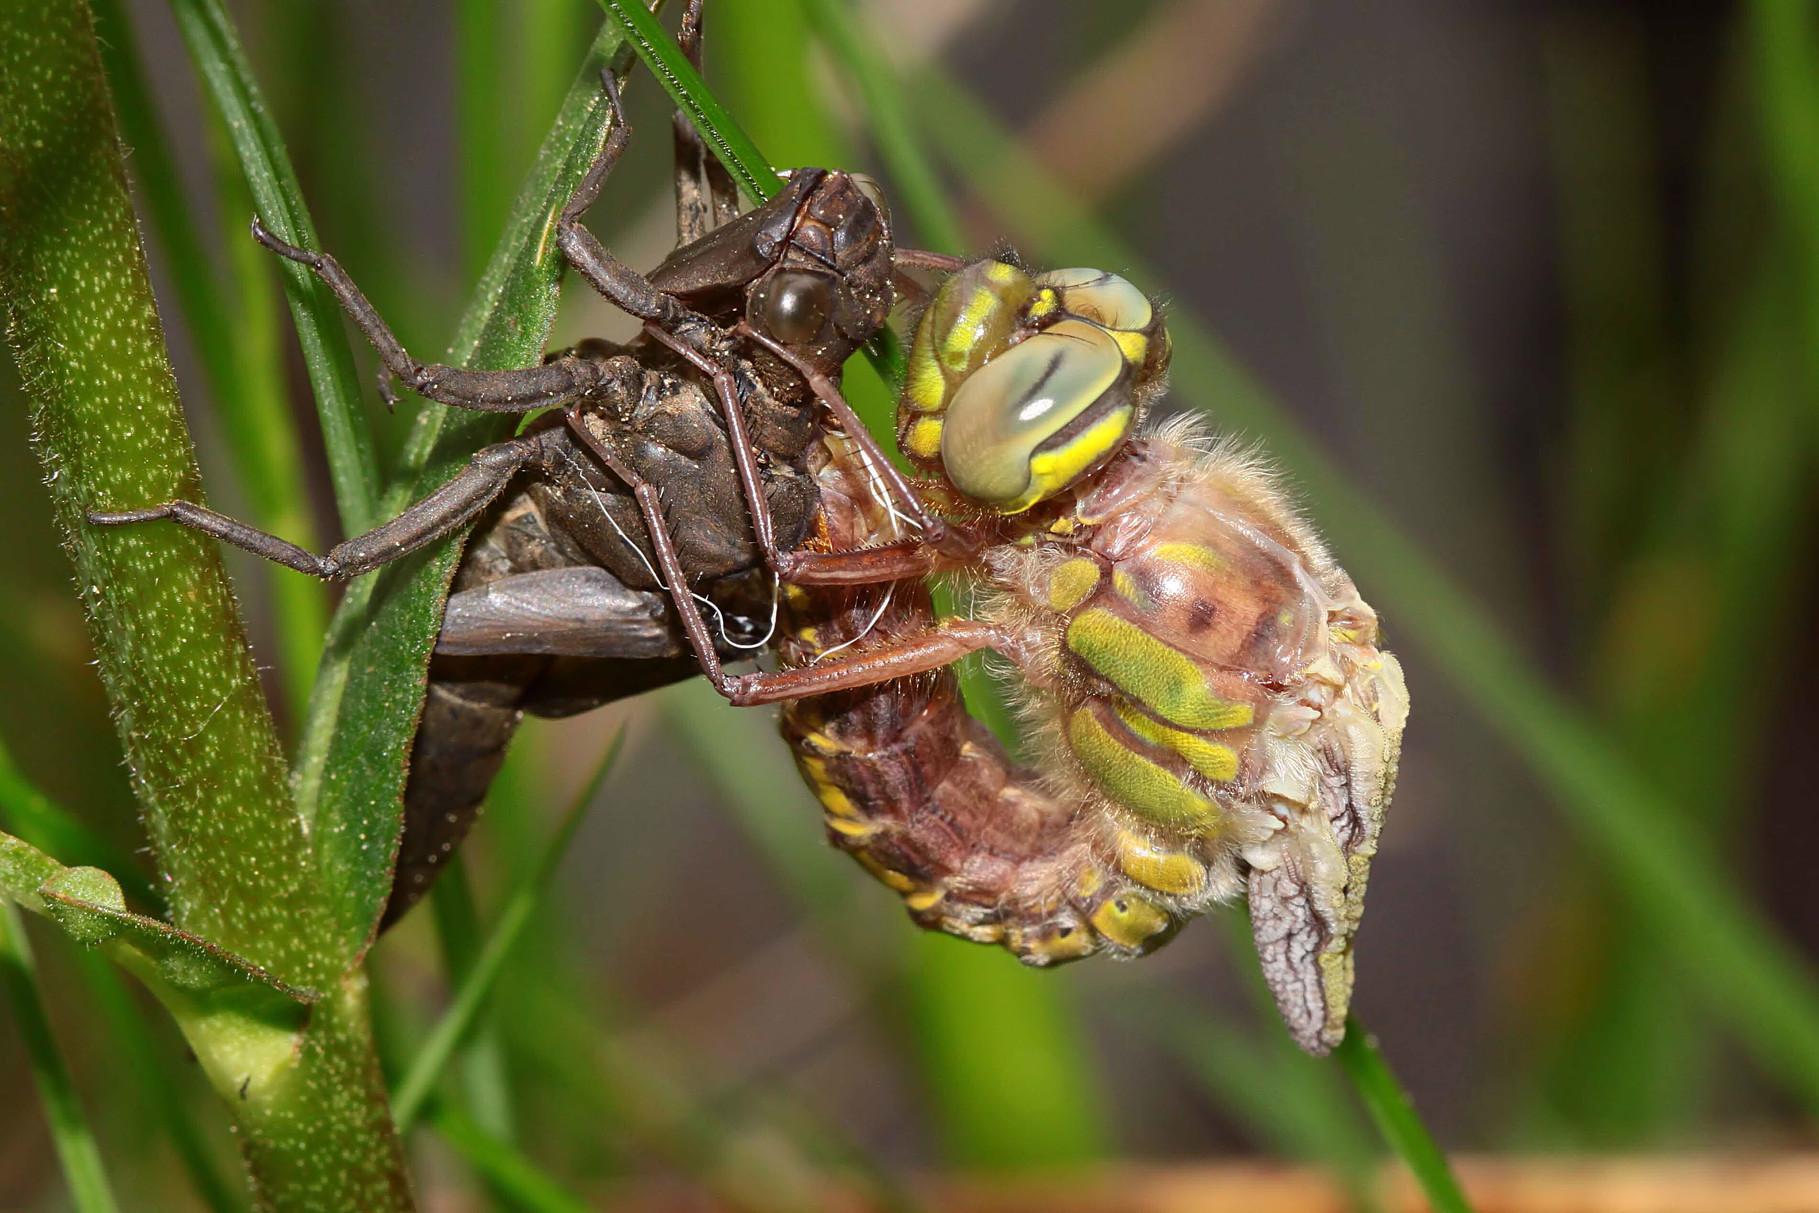 Nach einer Ruhephase von ca. 45 Minuten befreit die Libelle ihr Abdomen aus der alten Larvenhaut...